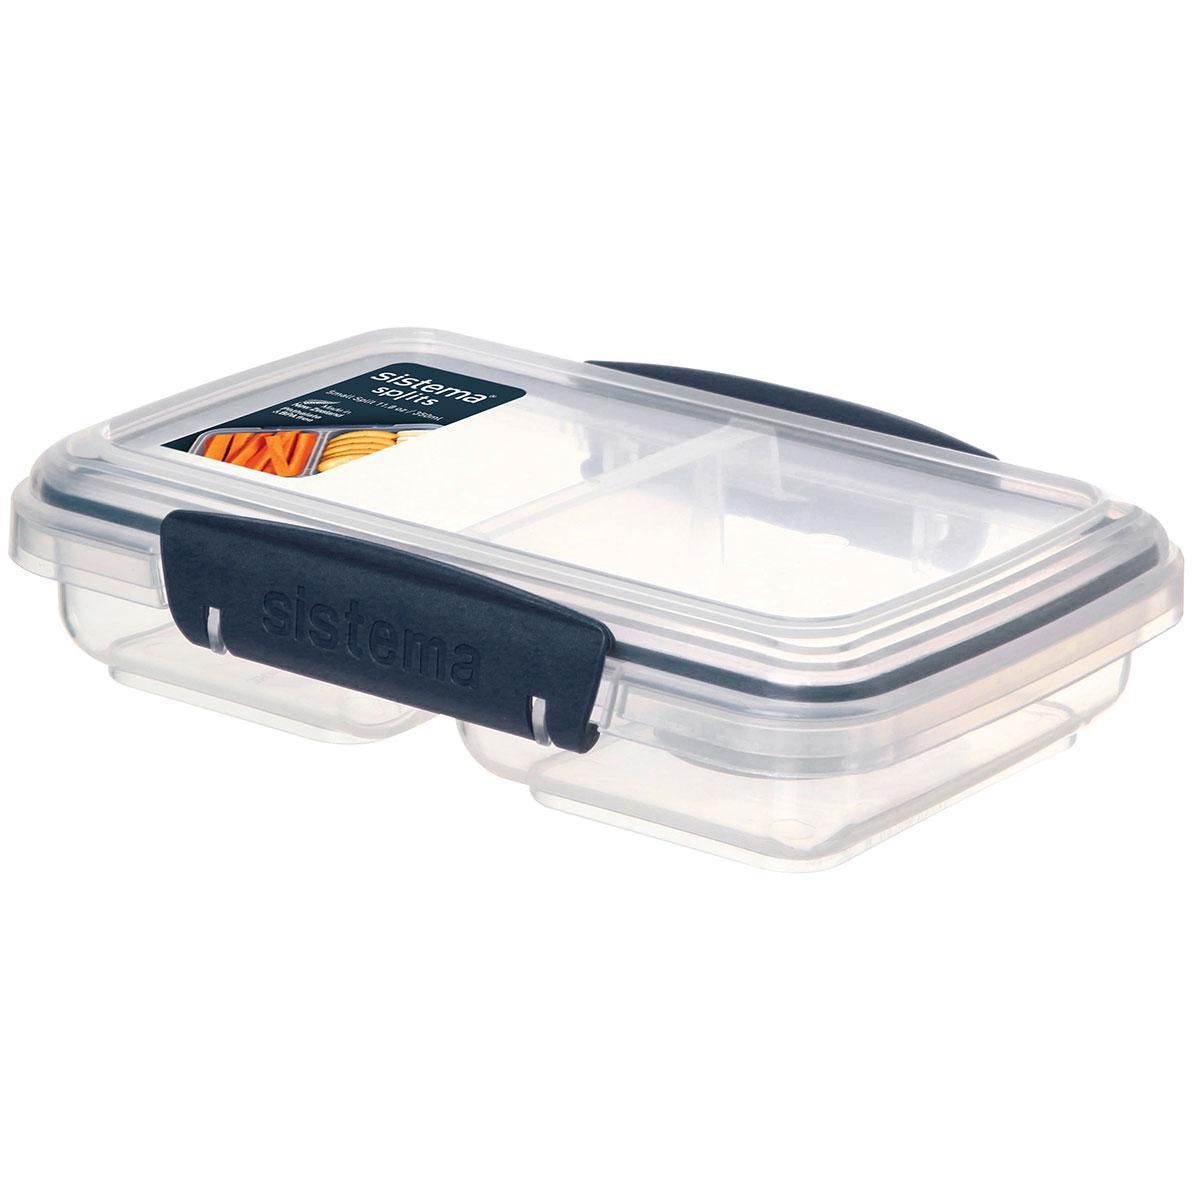 קופסת אוכל מלבנית כחול כהה מחולקת ל-2 350 מ